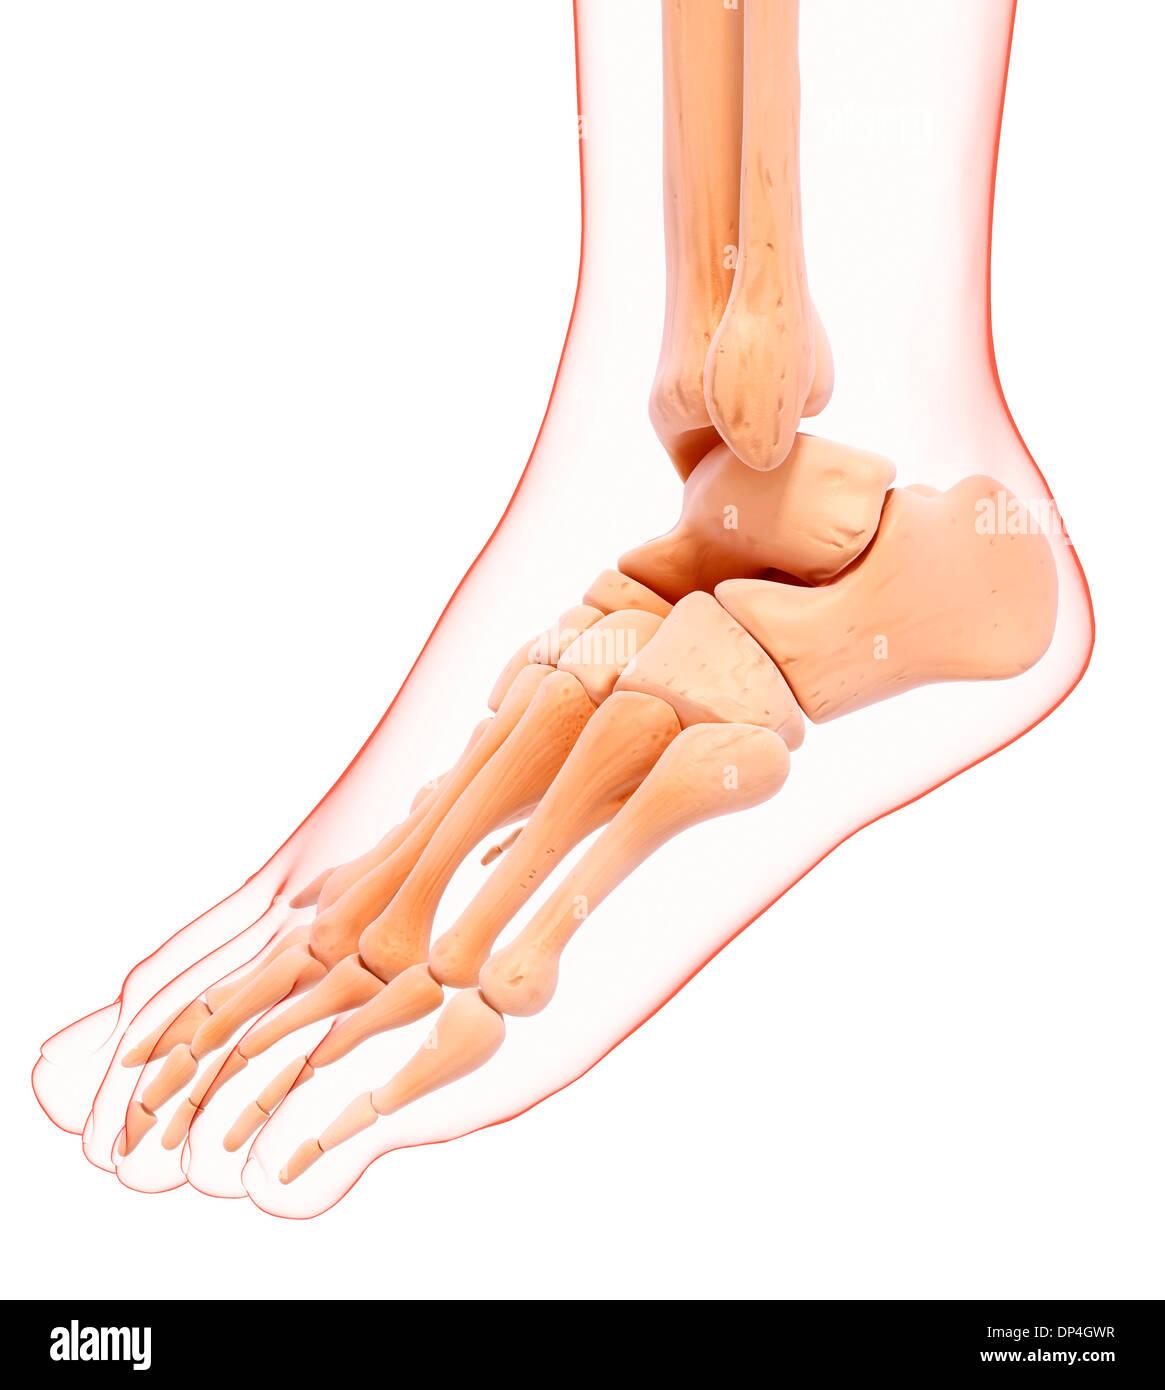 Los huesos del pie humano, obras de arte Foto & Imagen De Stock ...